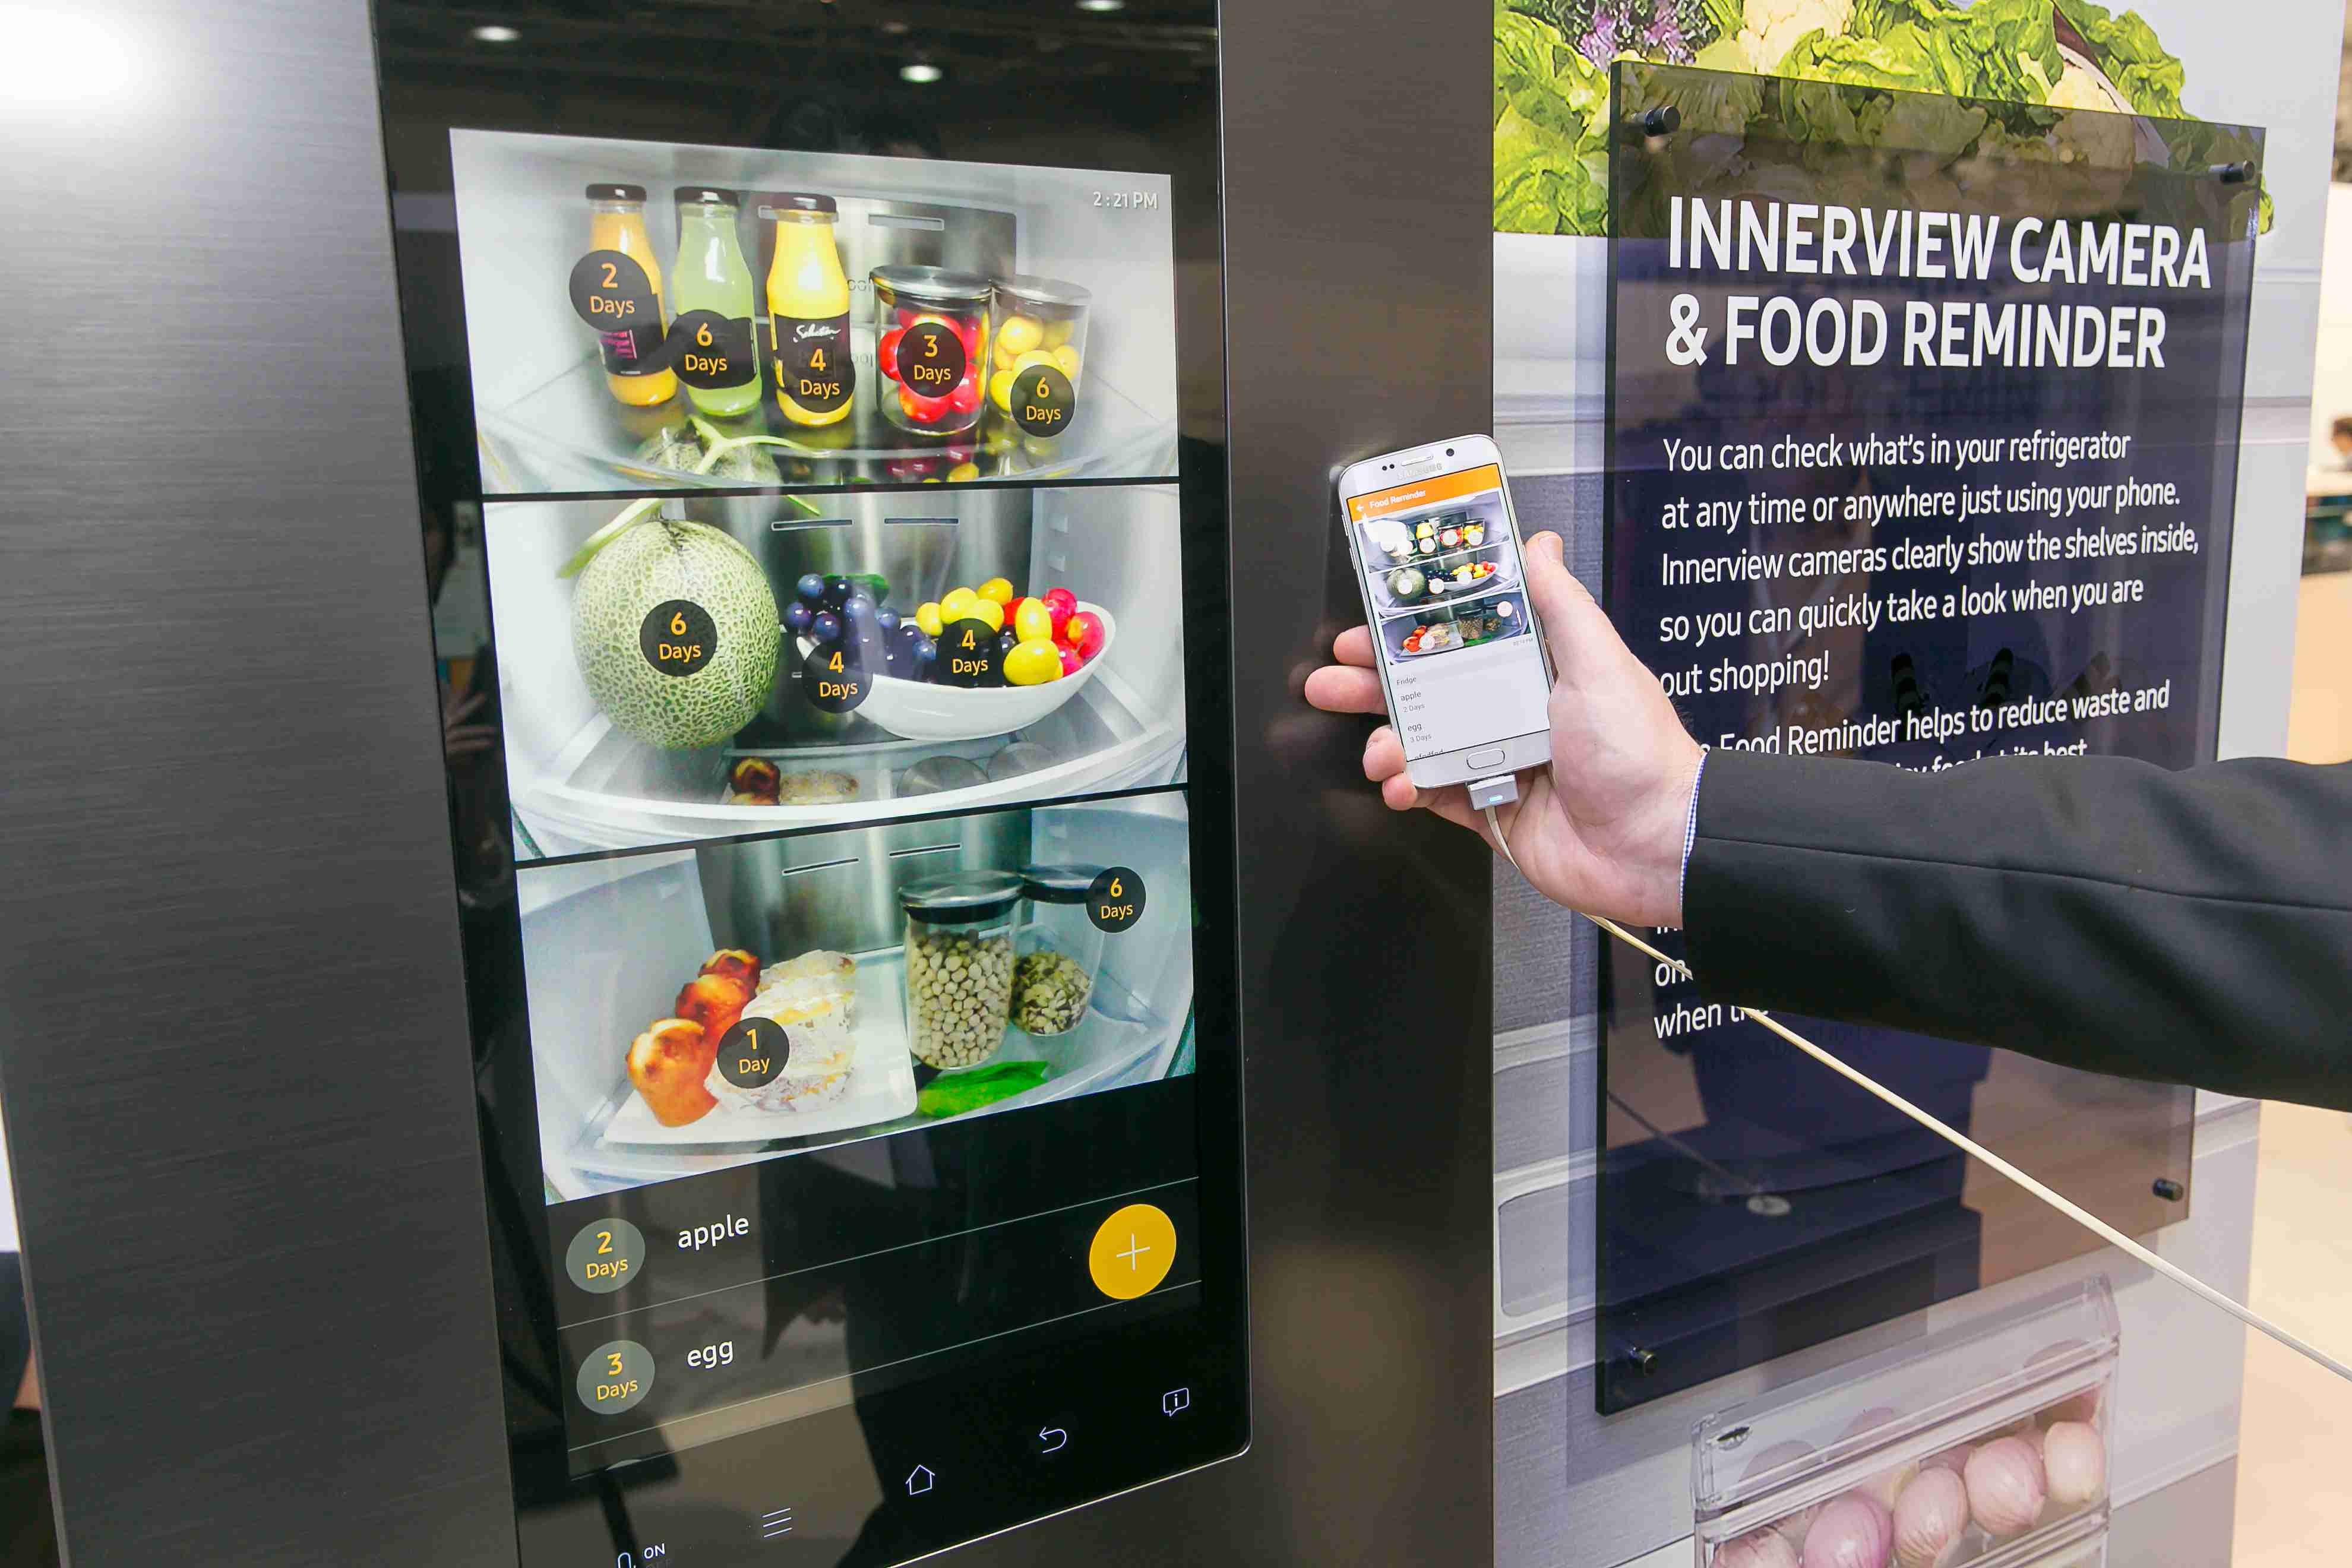 Takto si v chladničke Family Hub pozriete čo je v jej vnútri aj na mobilnom telefóne